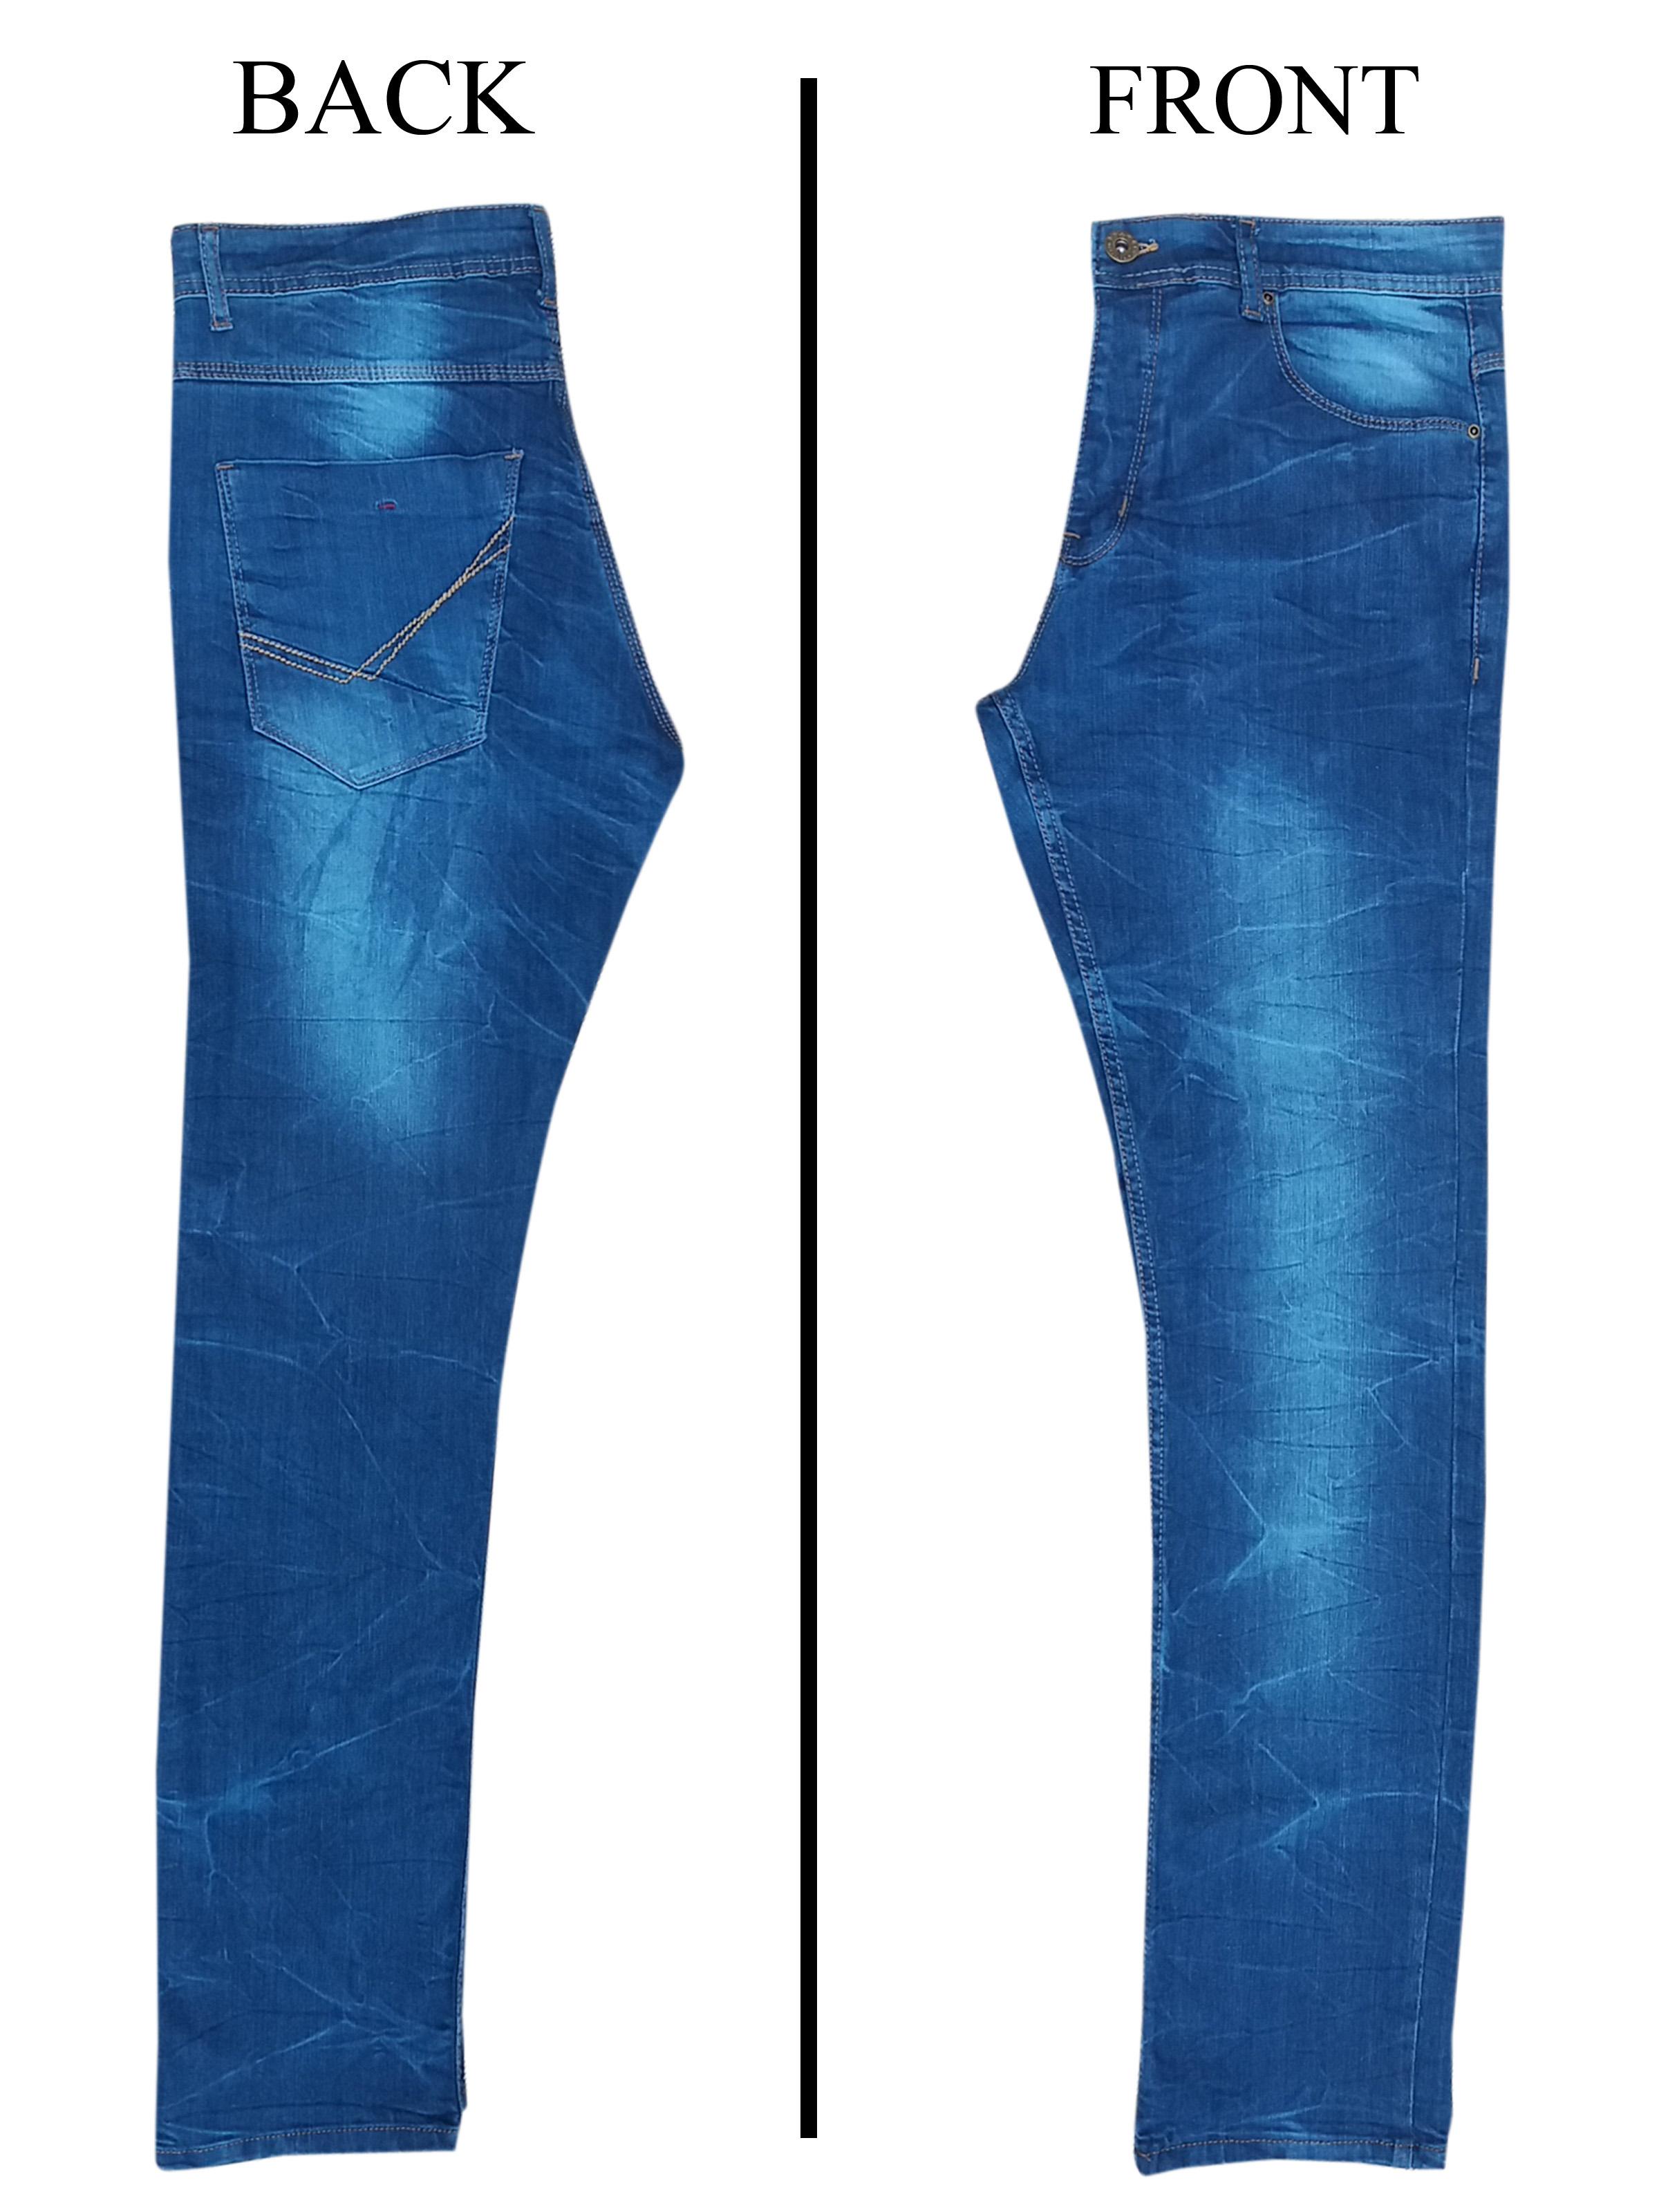 Men Jeans - Article # 166001 - 8.75 USD